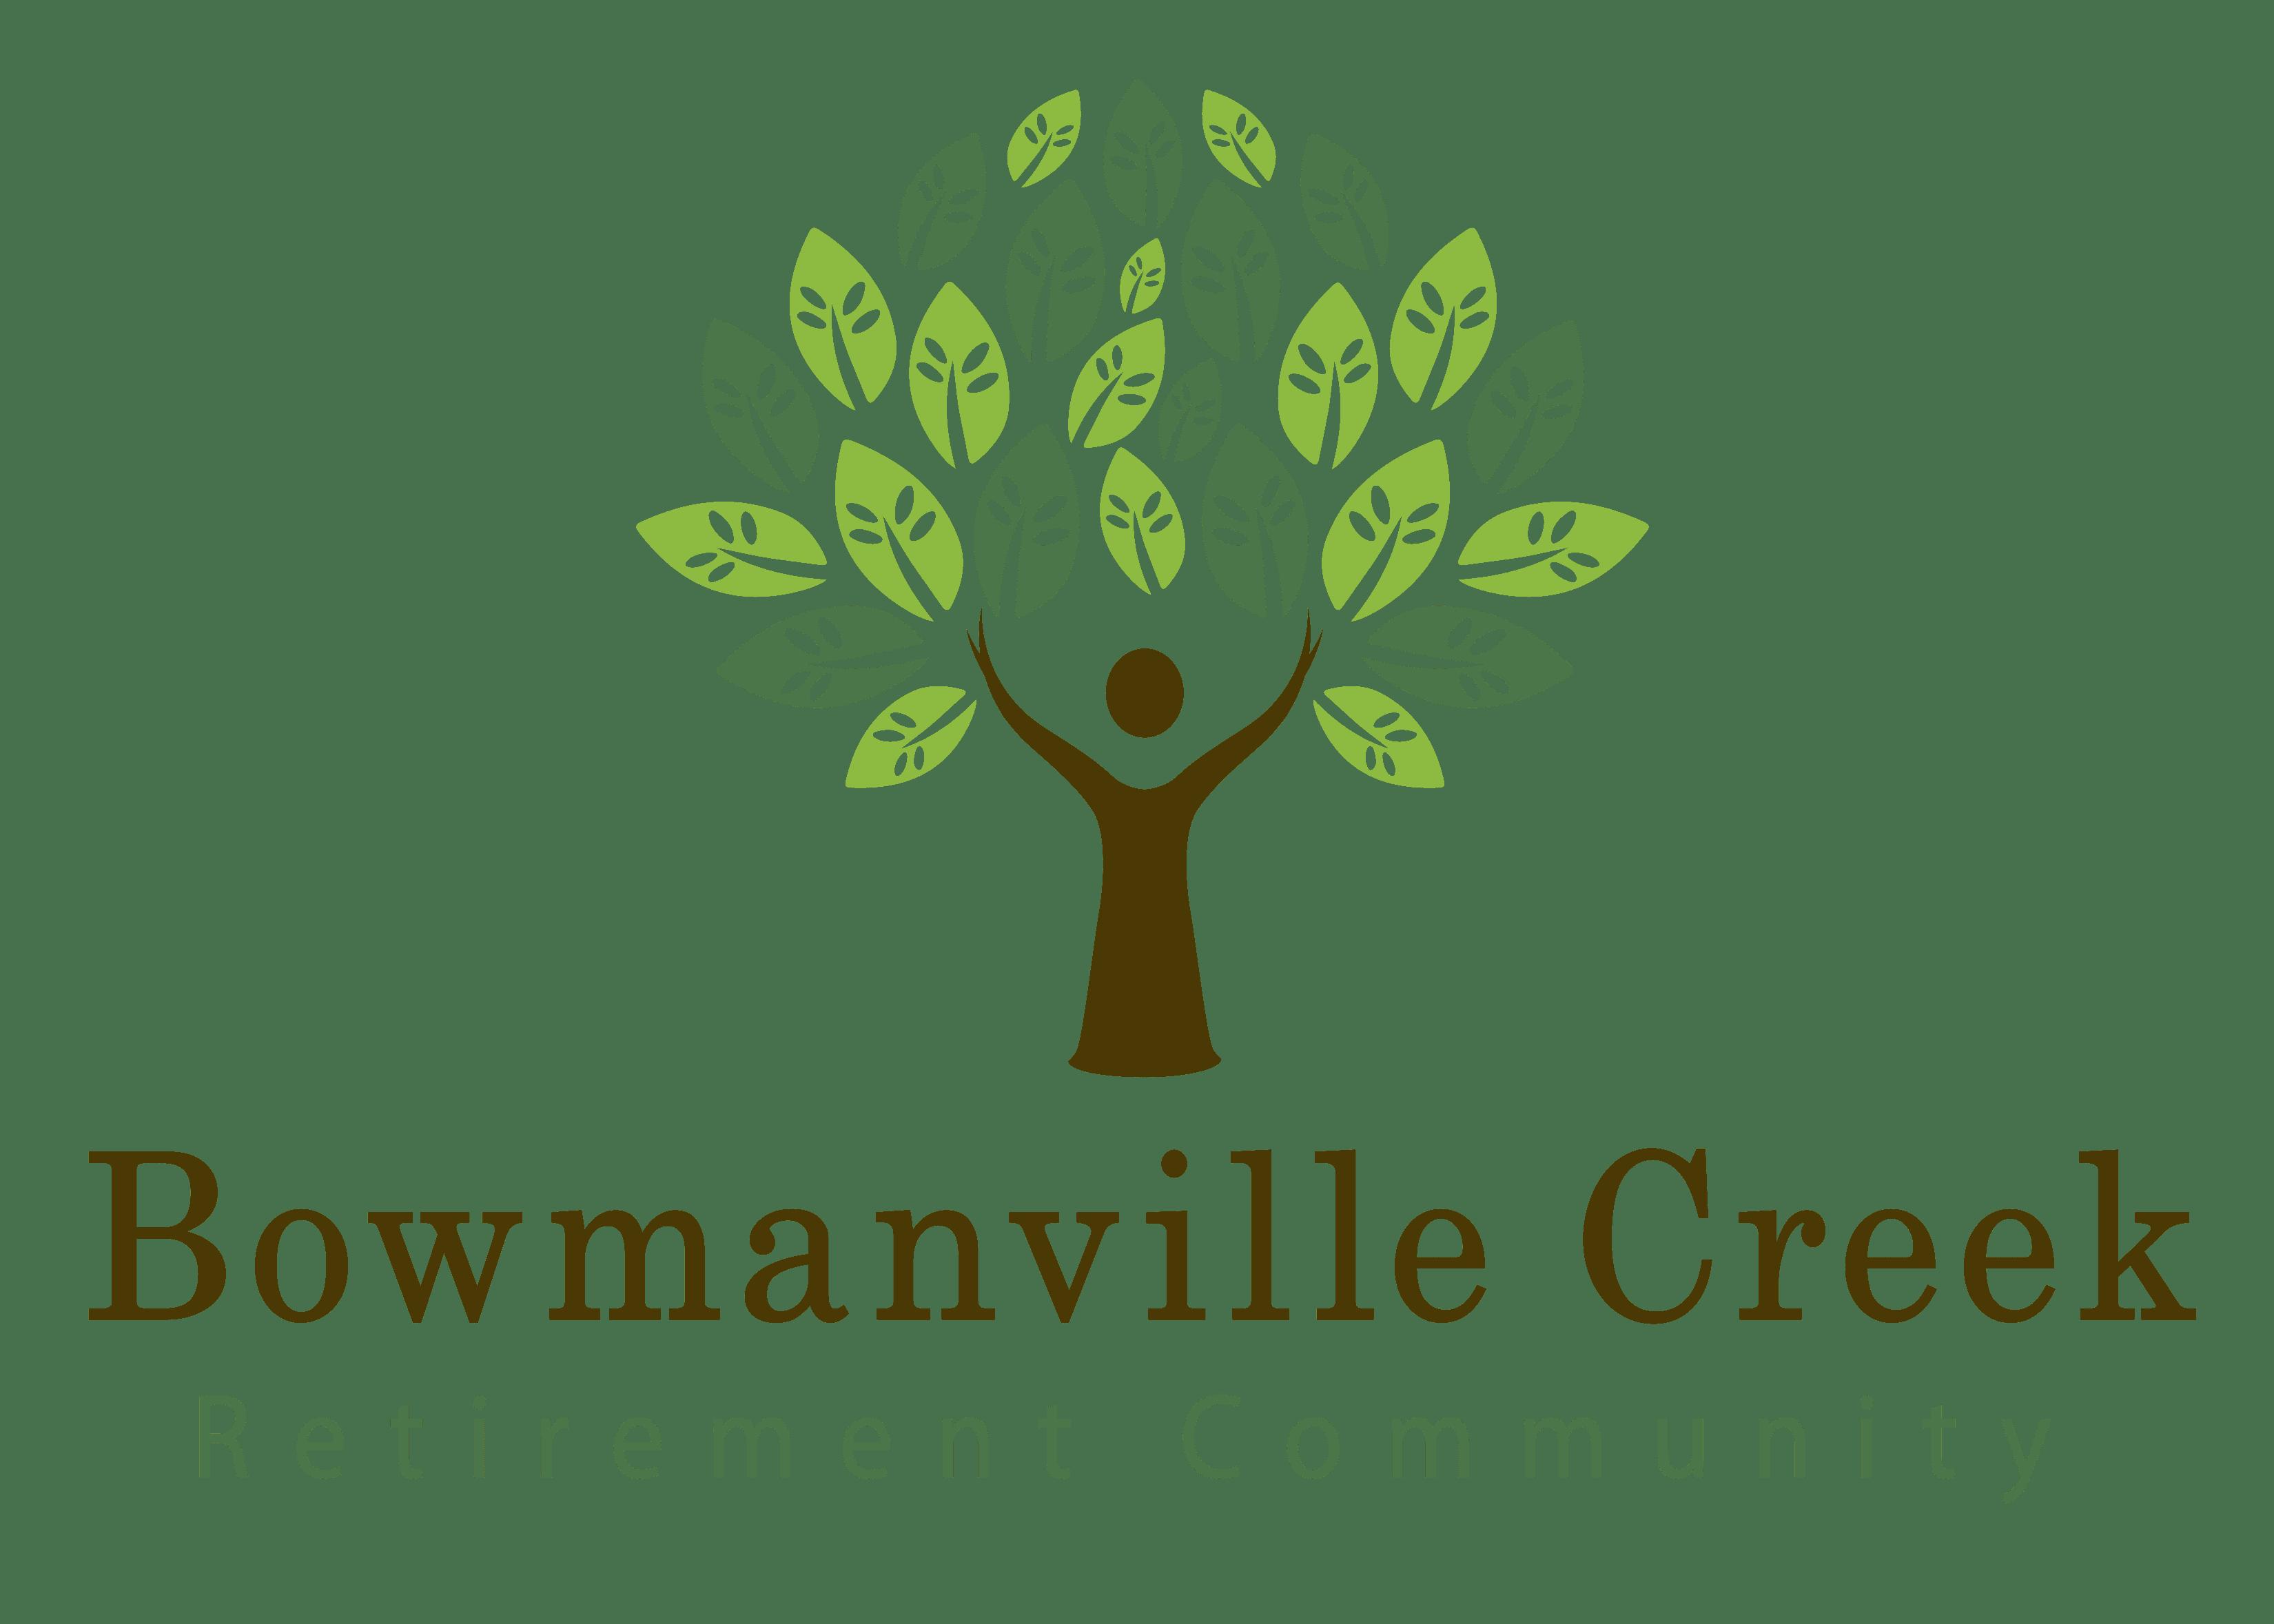 Bowmanville Creek